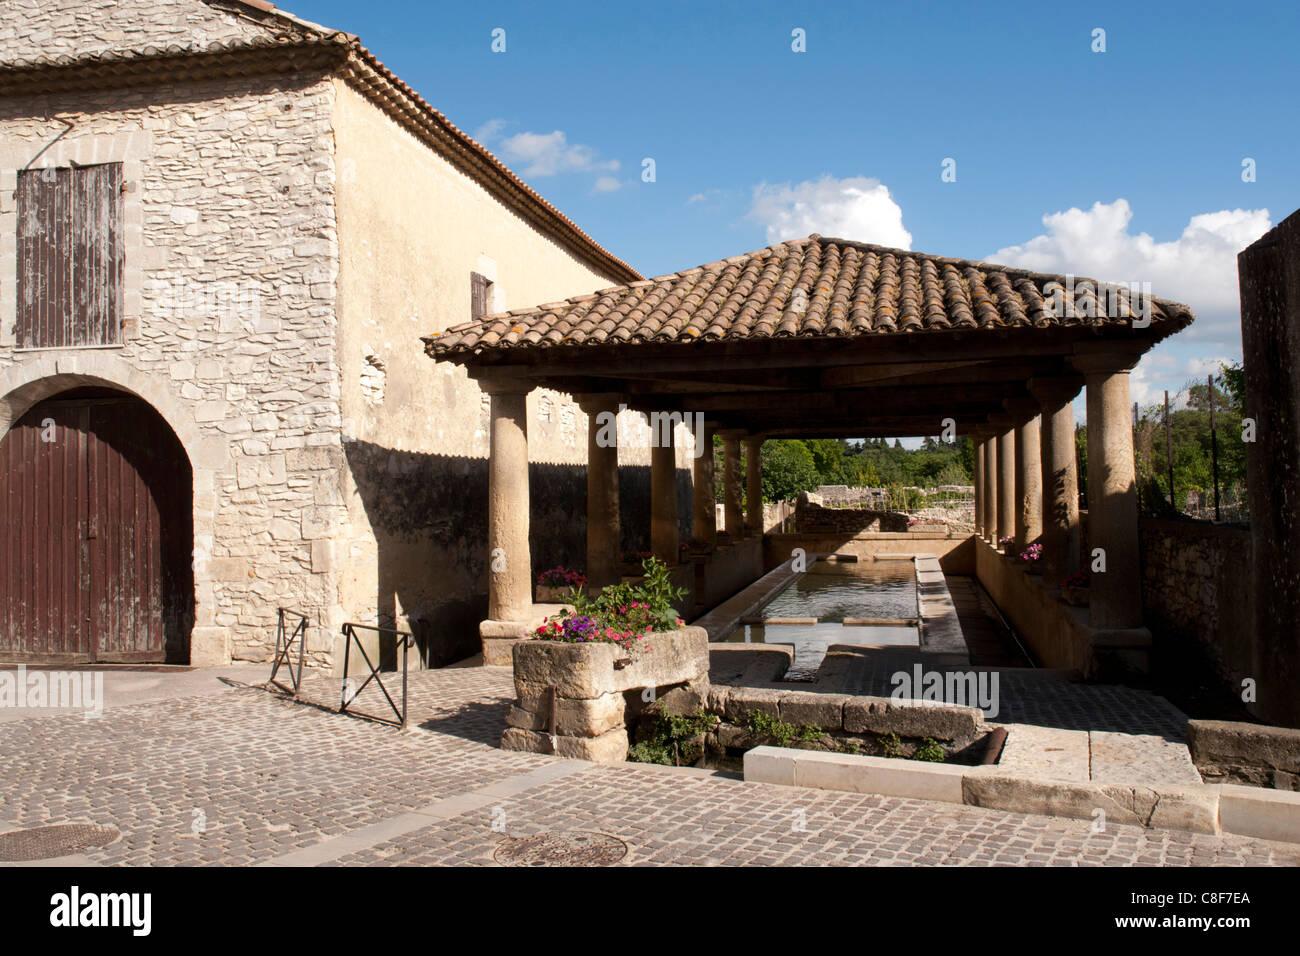 Francia, Gard, Languedoc-Roussillion, Tavel, casa di lavaggio, camera della pompa, architettura, fiori, costruzioni, Immagini Stock